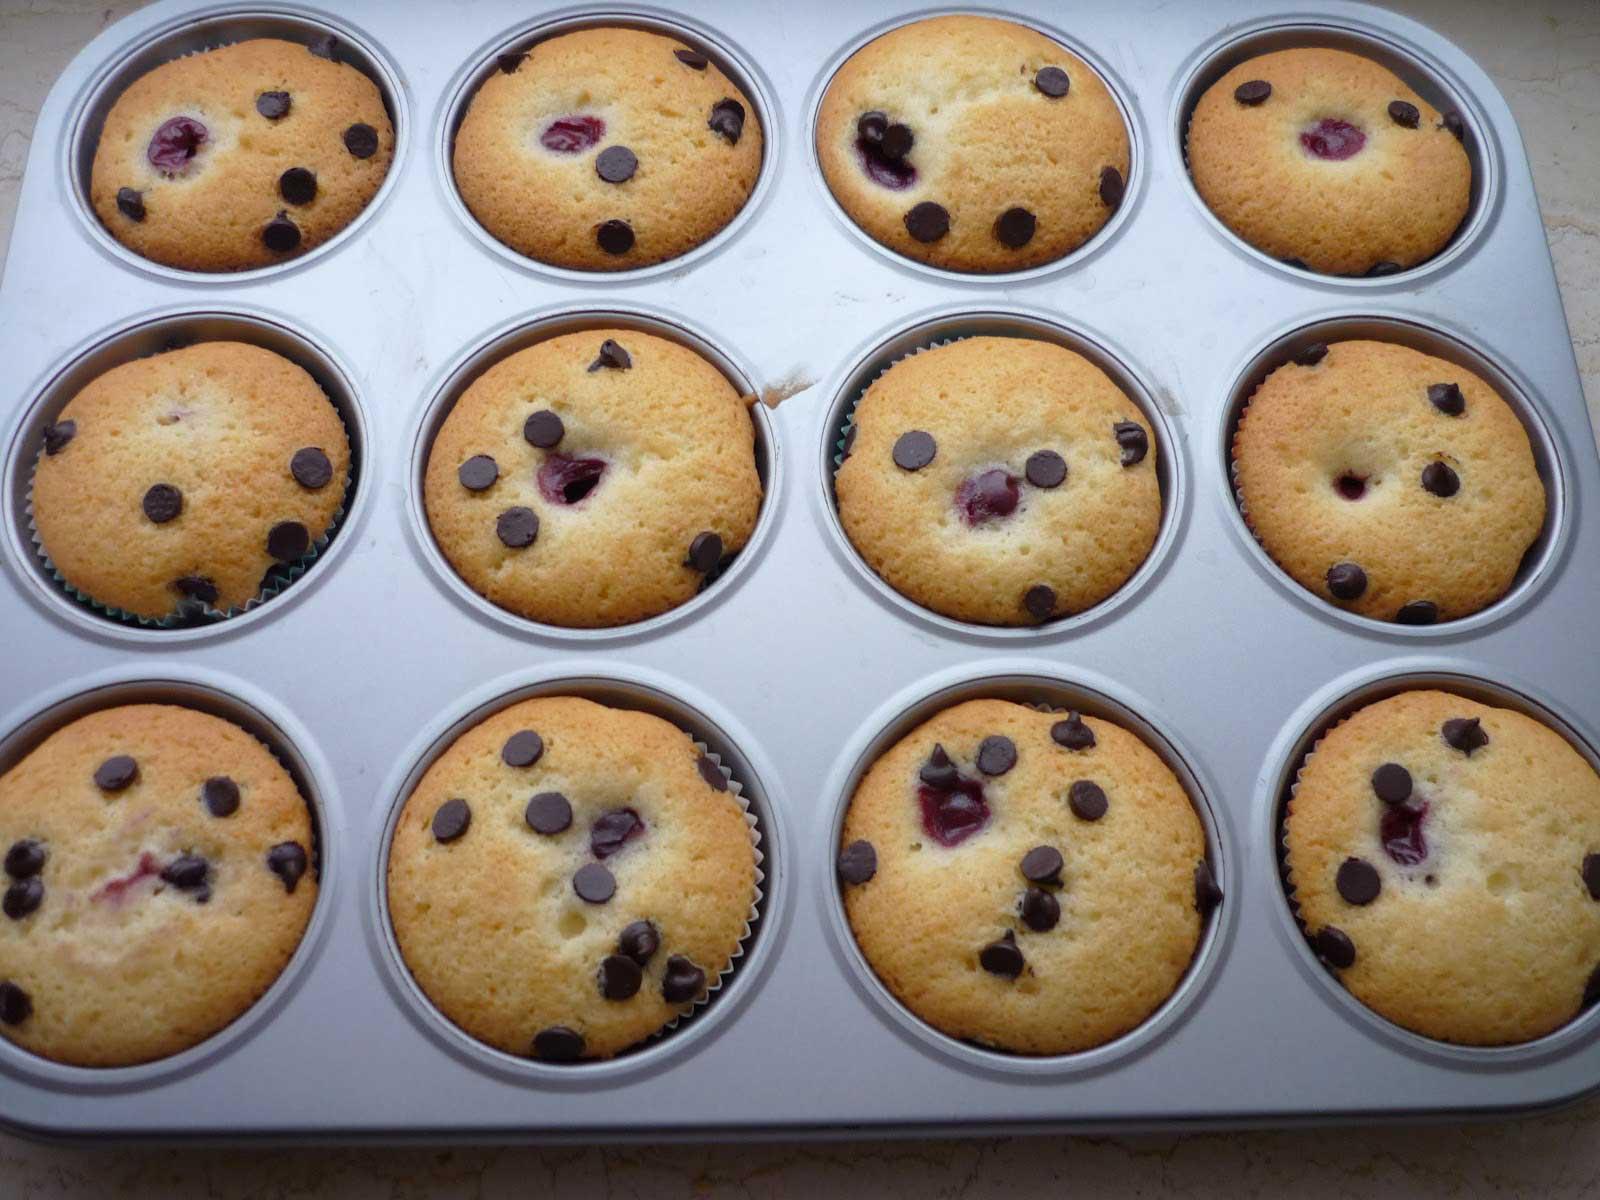 Muffins mit Sauerkirschen und Schokotropfen - Visneli Çikolatalı Top Kek